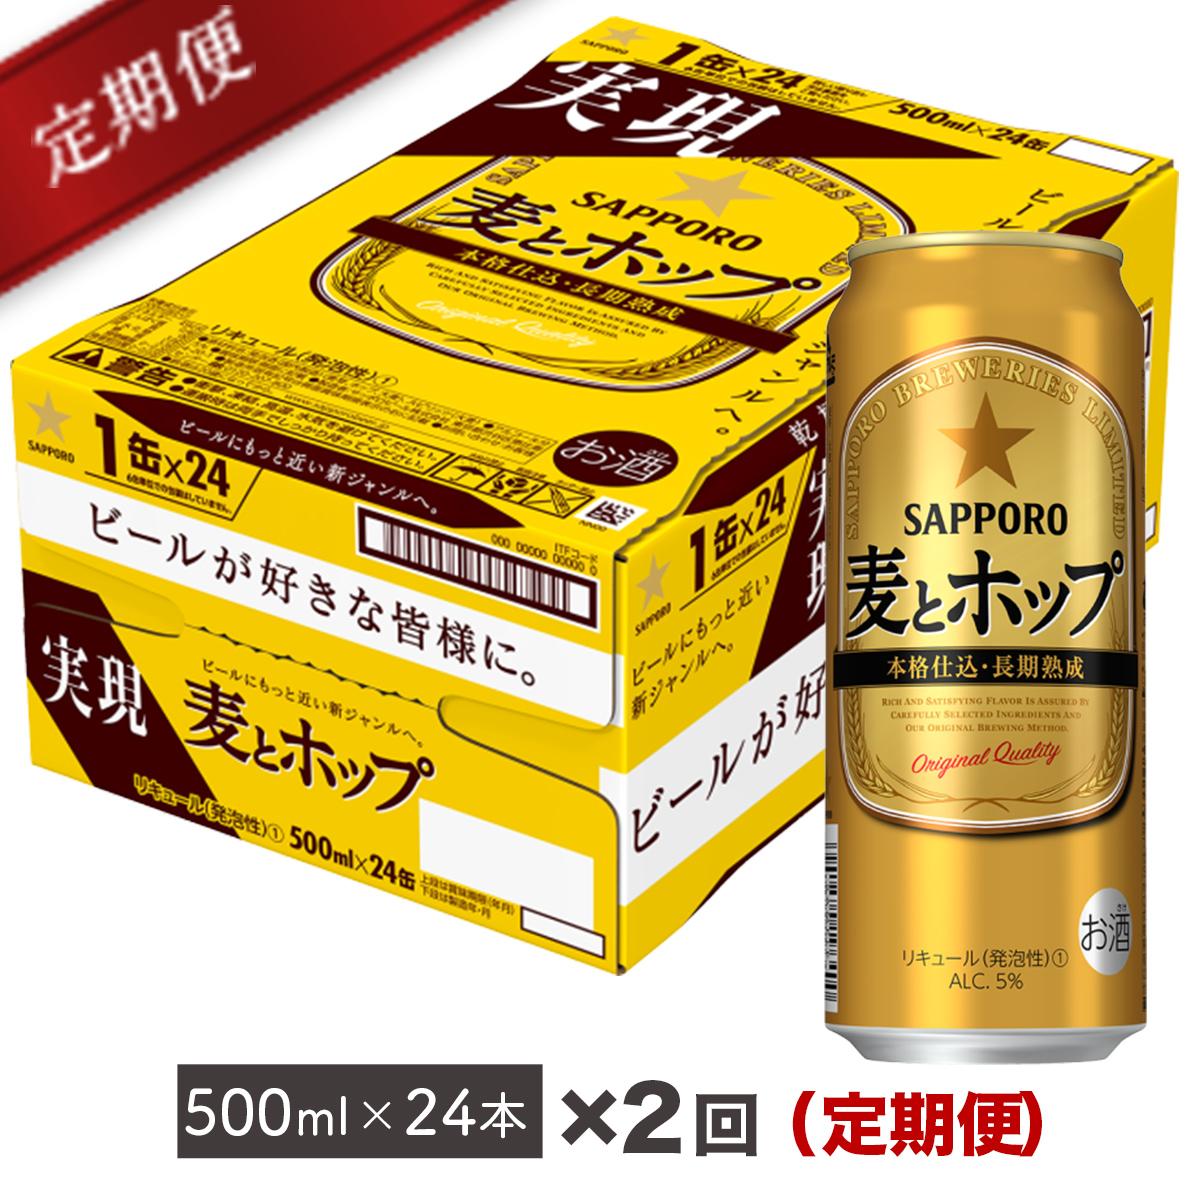 【ふるさと納税】【毎月お届け定期便】地元名取生産 麦とホップ 500ml 24缶を2回お届け